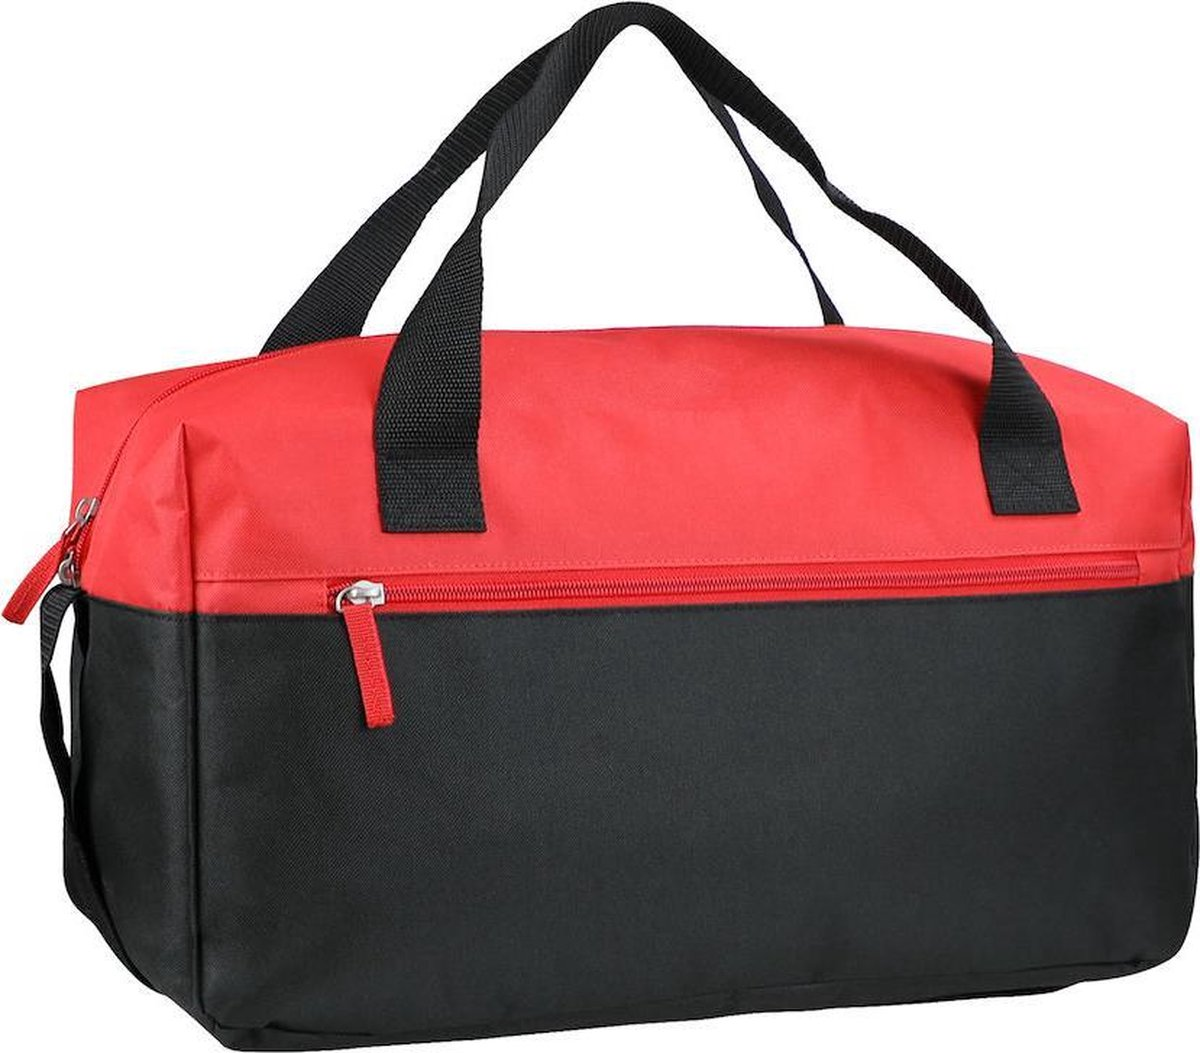 Derby of Sweden Bags - Sky Travelbag - Reistas - Rood kopen